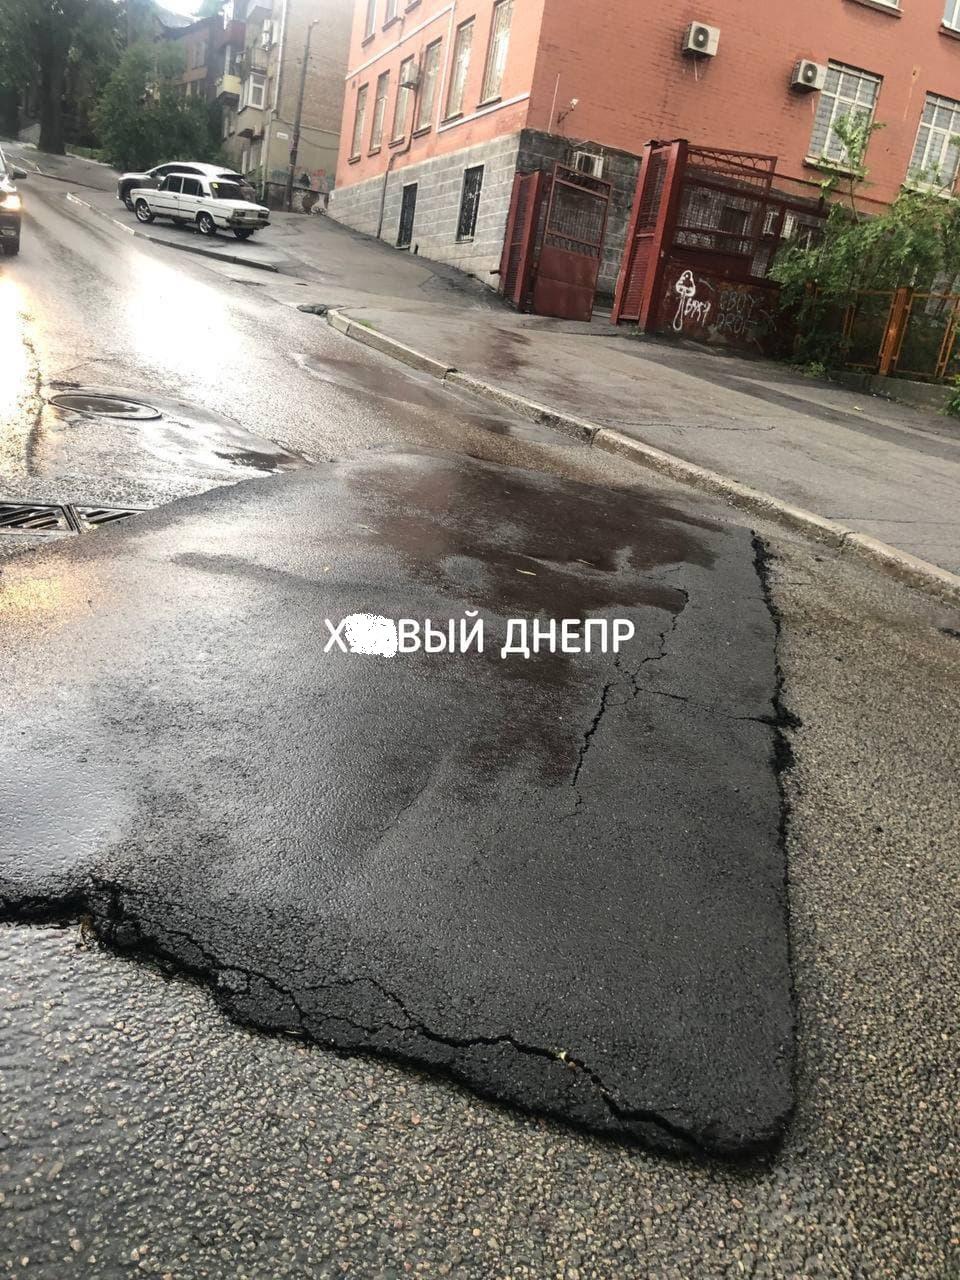 Сильная гроза наделала беды в Днепре: видео последствий непогоды